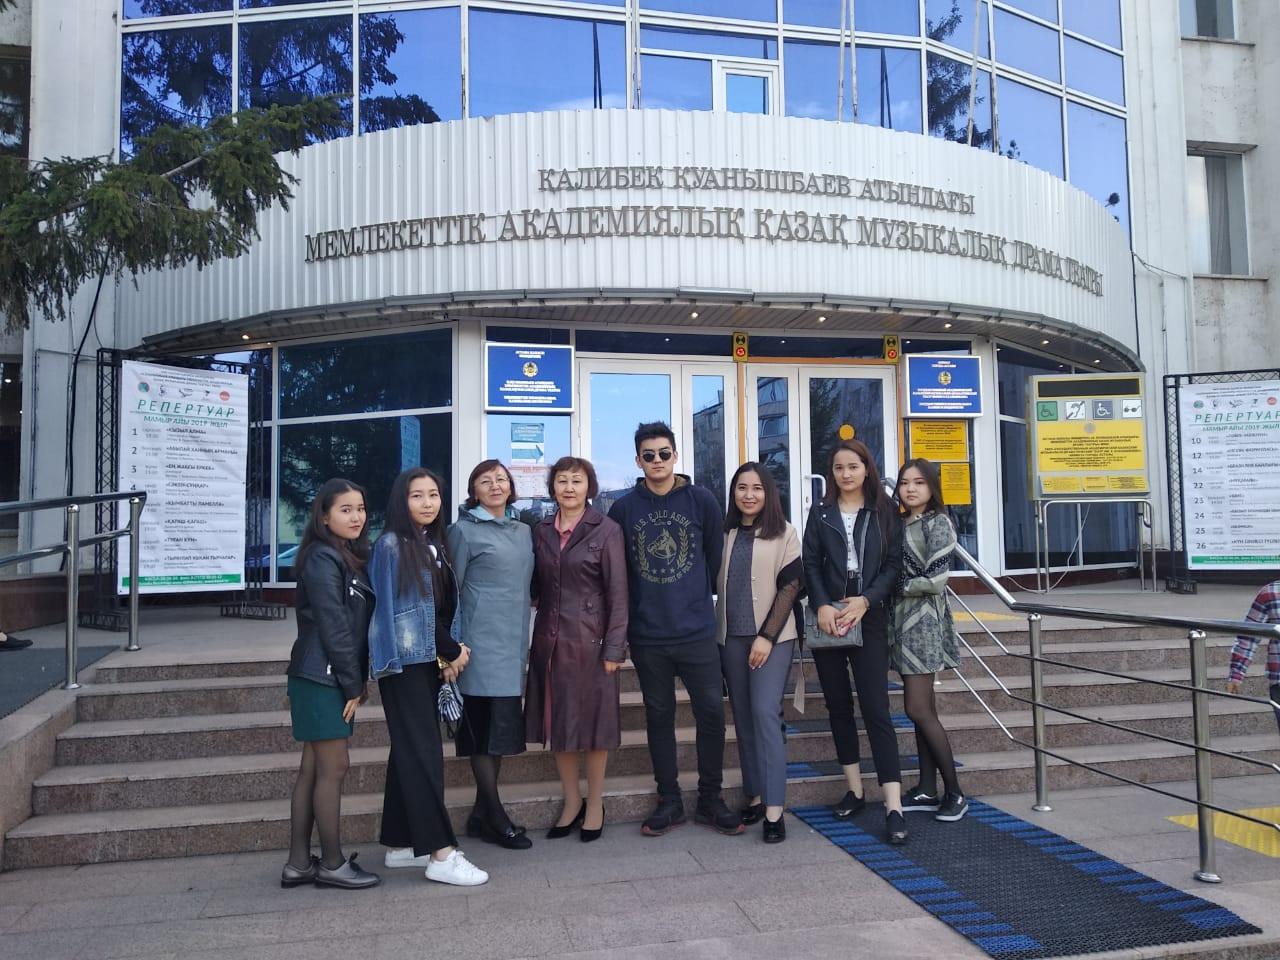 Группа студентов ФМО и ФФ ЕНУ имени Л.Н.Гумилева у входа в Казахский музыкально-драматический театра имени К. Куанышбаева.